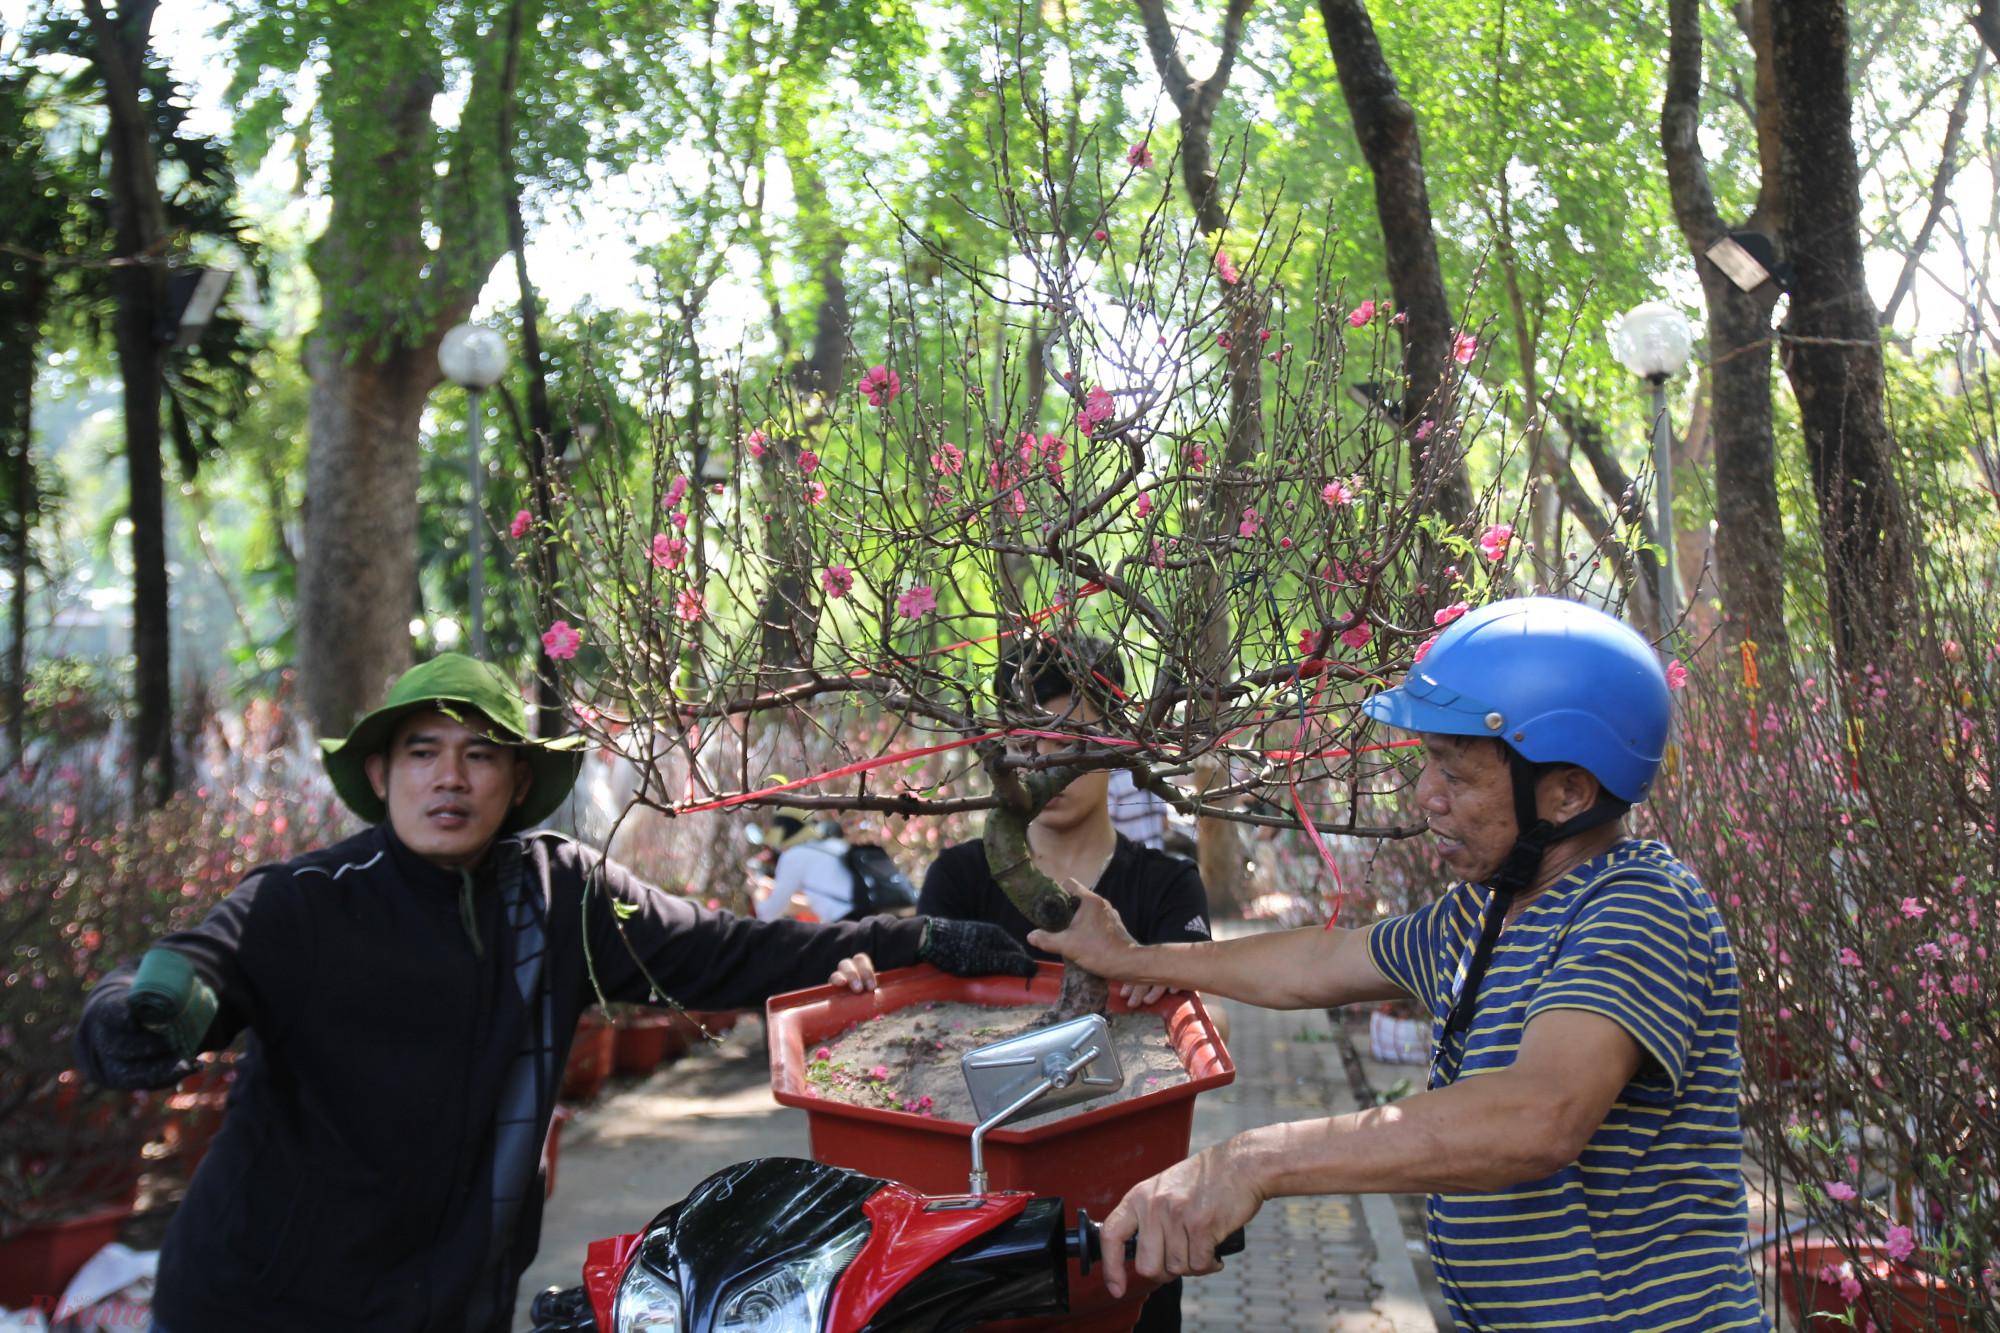 Người mua đào Tết tại công viên Gia Định theo quan sát của pv chọn đào rất kỹ, kiểm tra từ gốc, so sánh giá ở nhiều điểm bán để quyết định chọn mua.